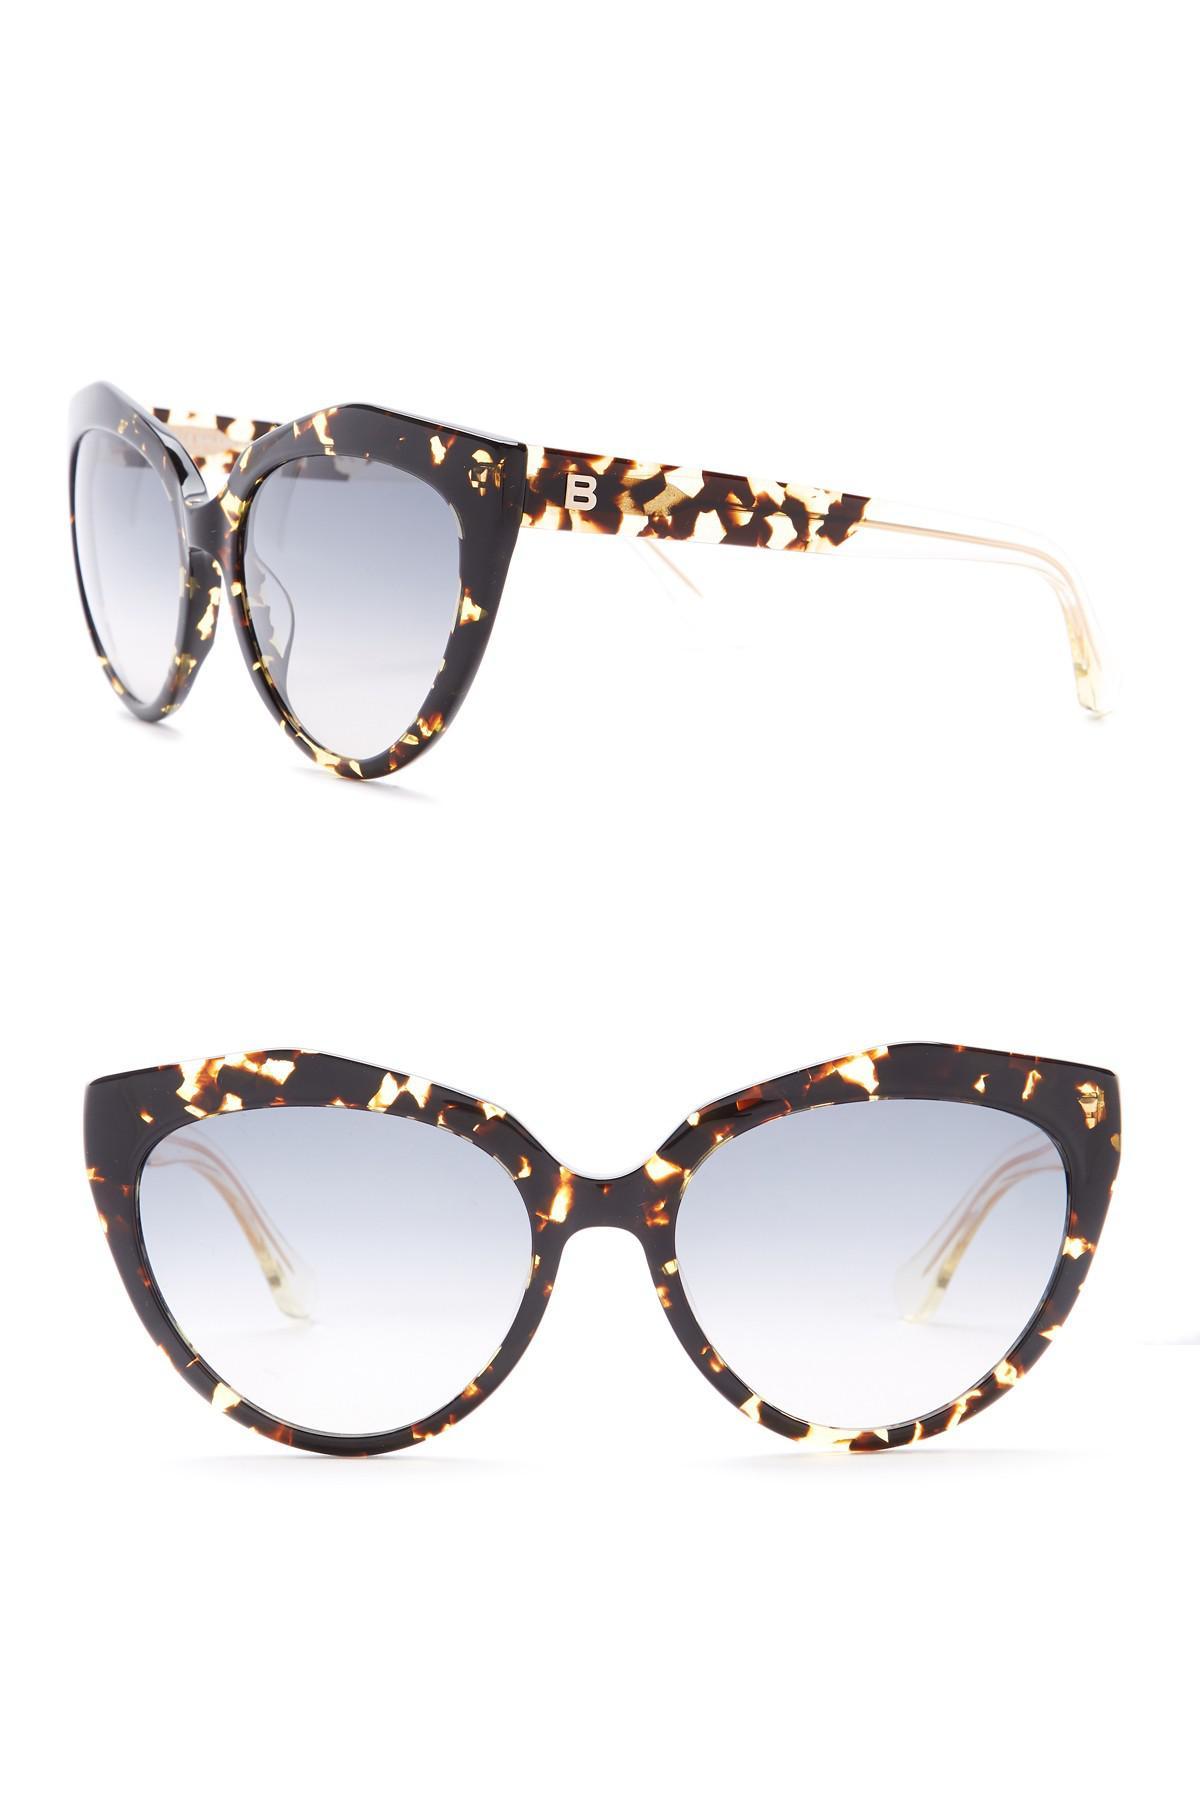 2b0aeb581f2 Lyst - Balenciaga Paris 56mm Sunglasses in Brown